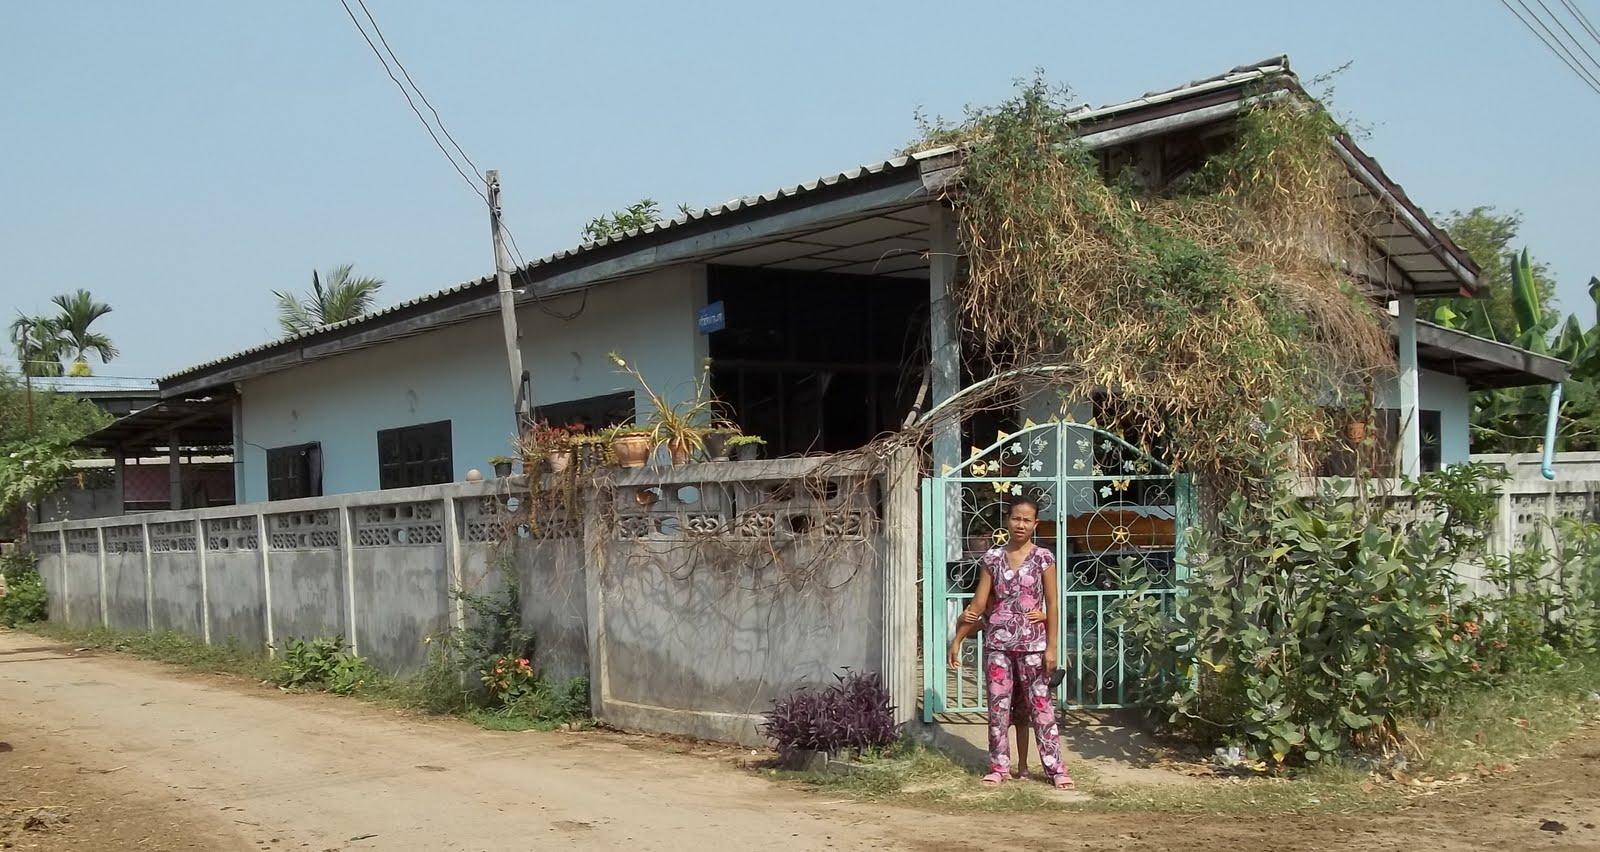 meine tr ume leben in khon kaen thailand wir bauen an ein erlebnis der besonderen art. Black Bedroom Furniture Sets. Home Design Ideas